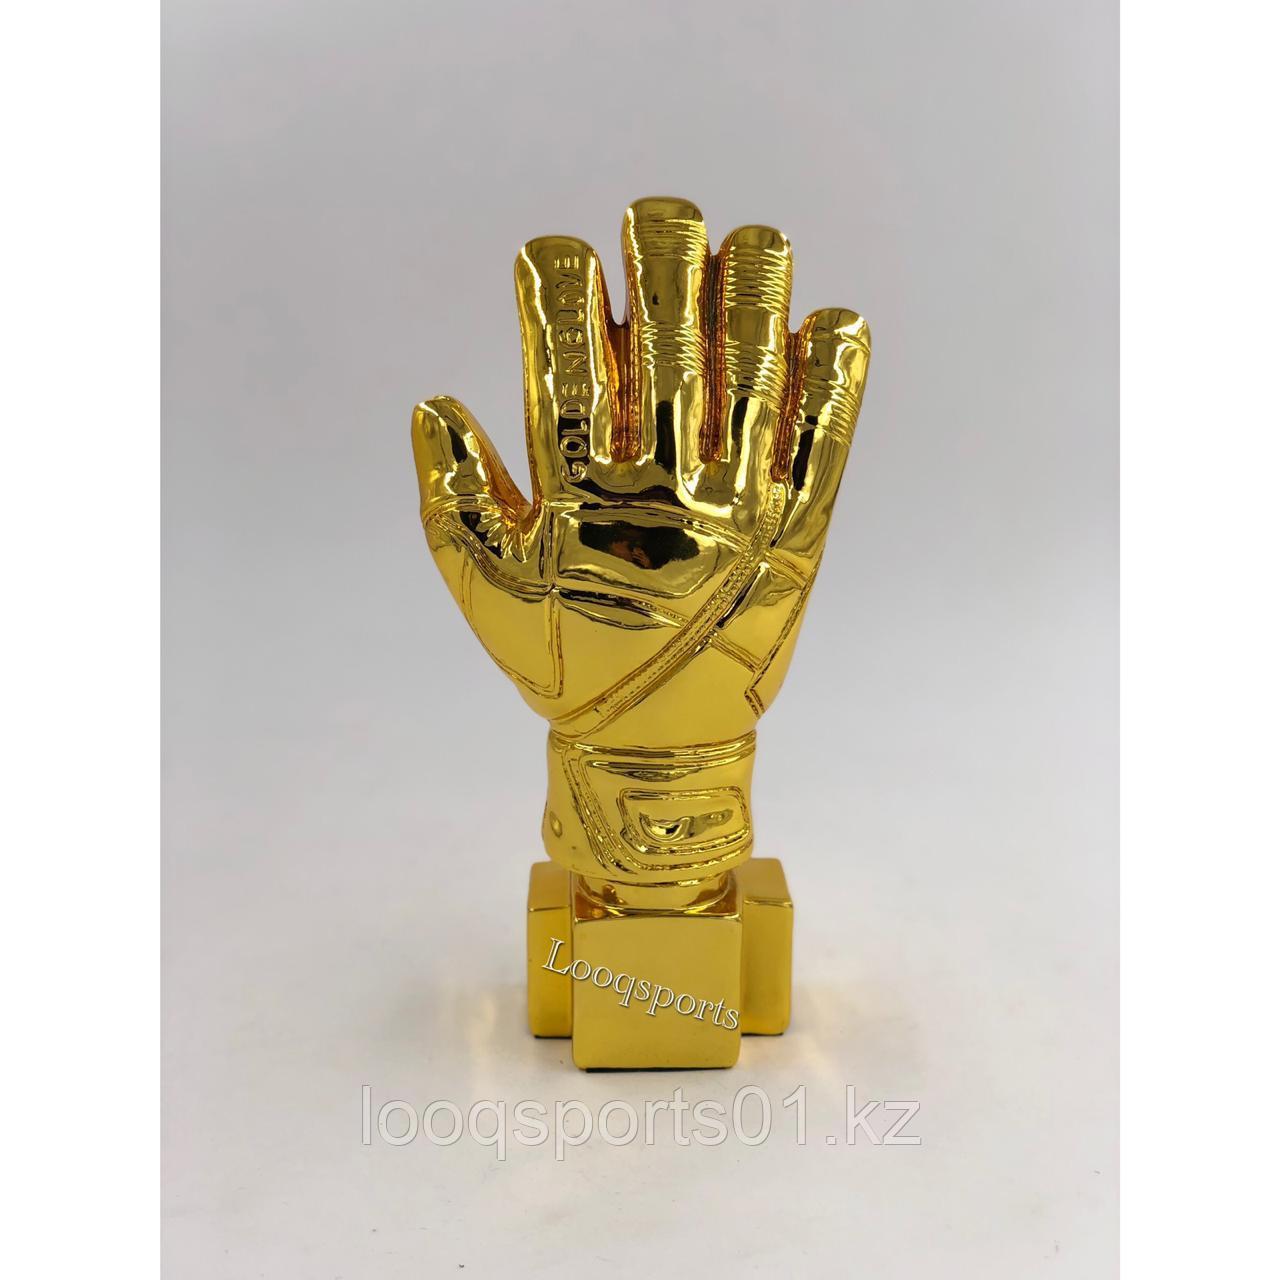 Наградная статуэтка золотая перчатка Кубок мира